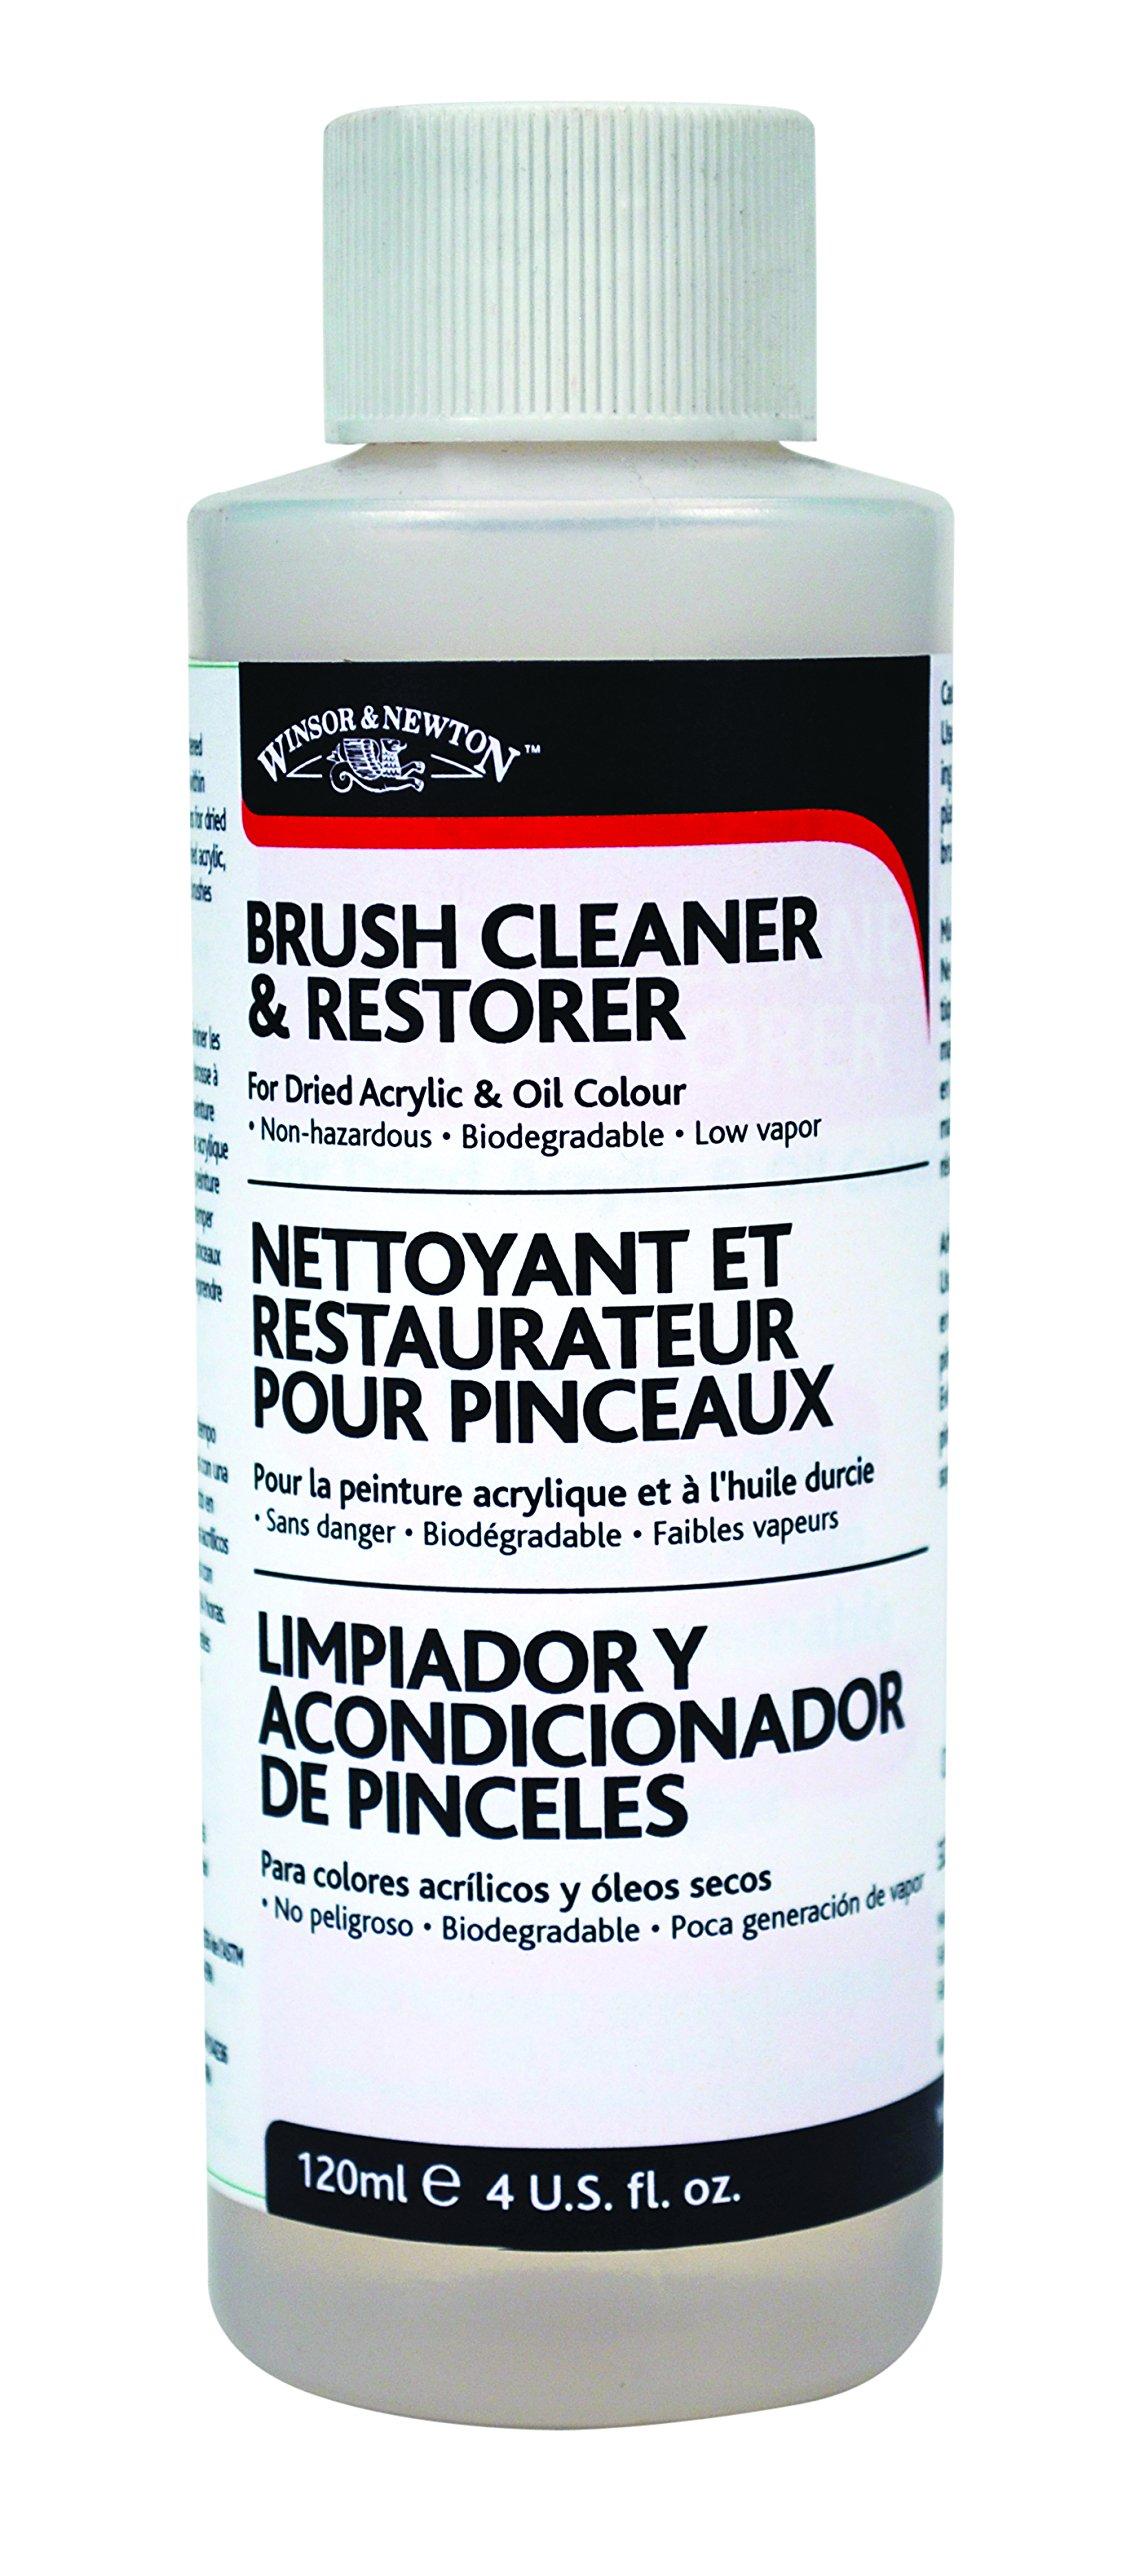 Winsor & Newton Brush Cleaner & Restorer - 4 oz. bottle